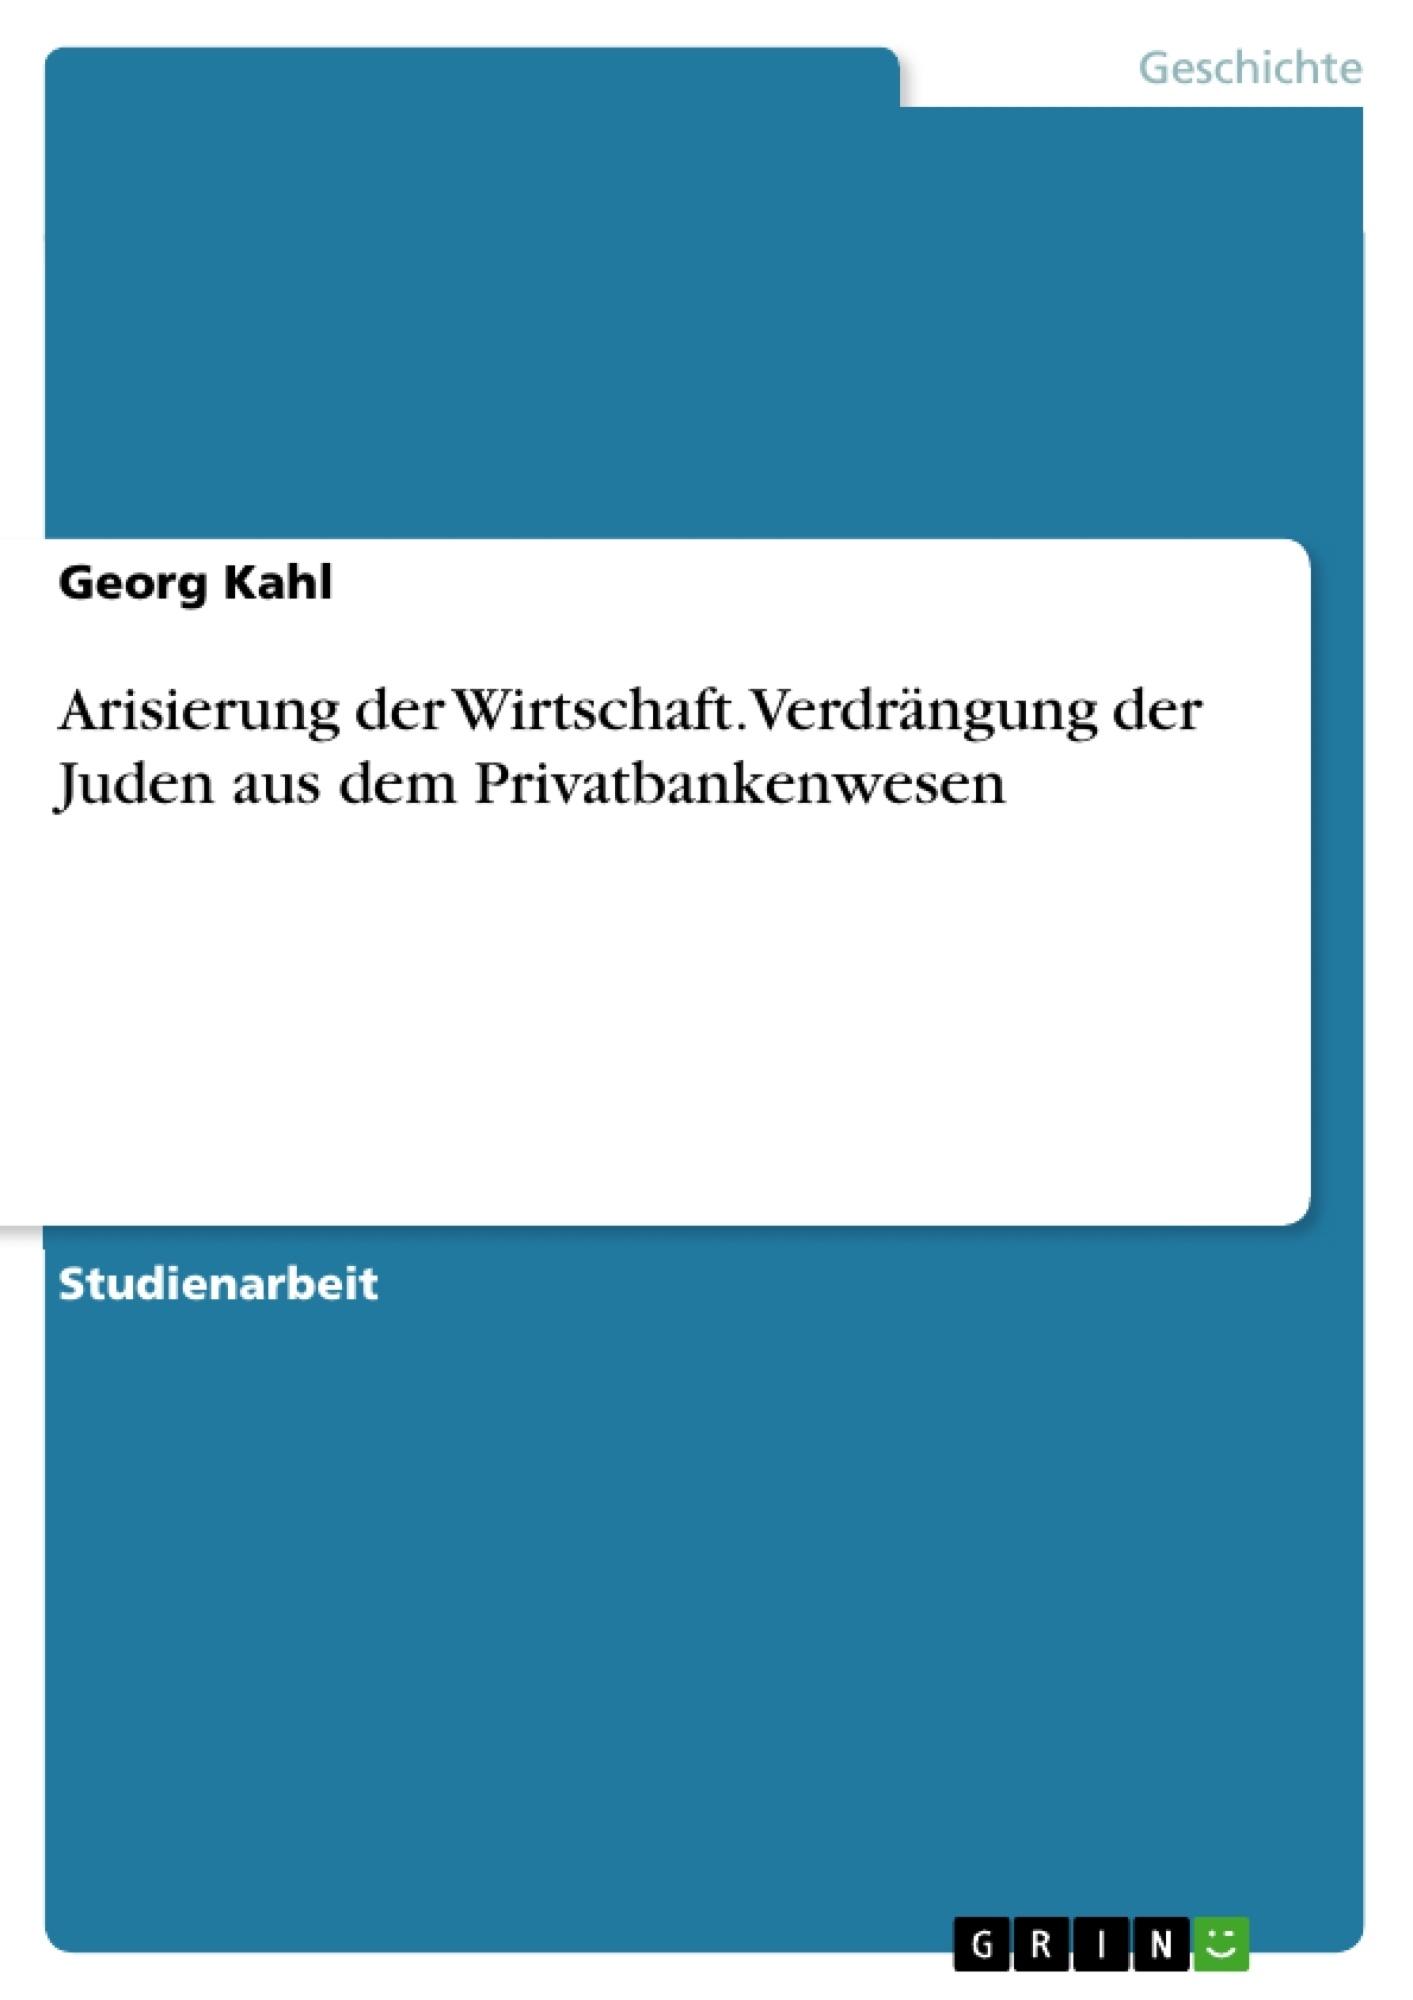 Titel: Arisierung der Wirtschaft. Verdrängung der Juden aus dem Privatbankenwesen